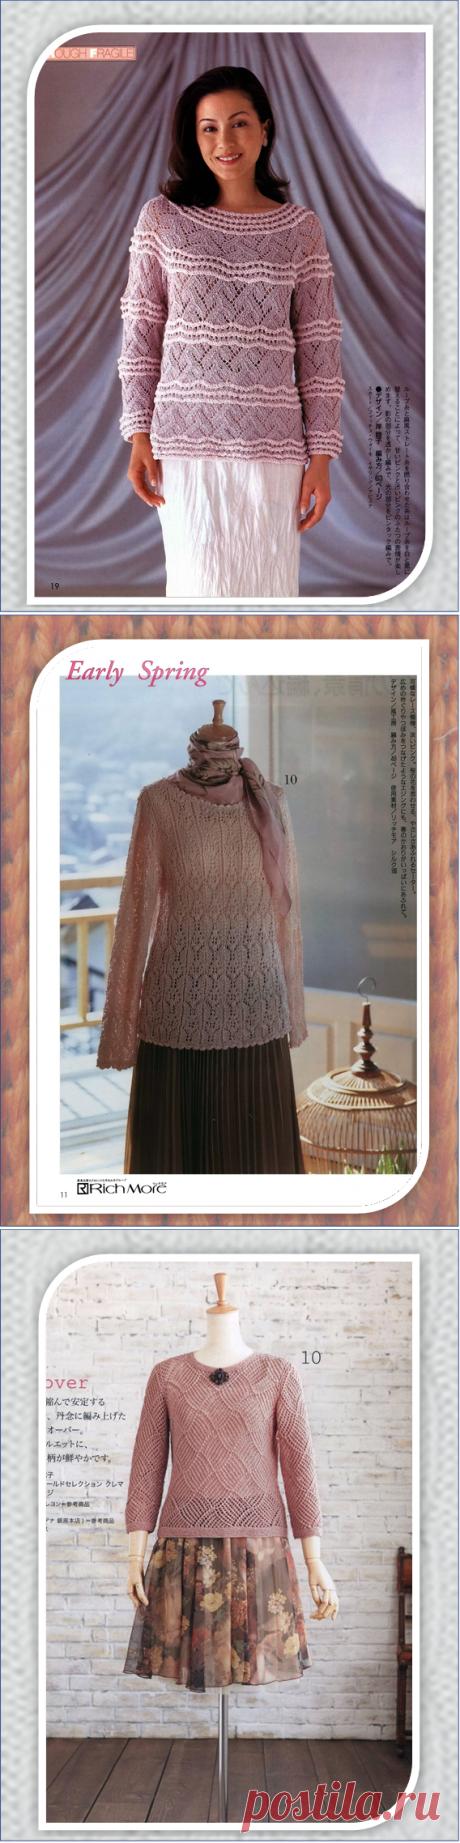 Семь романтичных вязанных на спицах пуловеров из японских журналов | Embroidery art | Яндекс Дзен